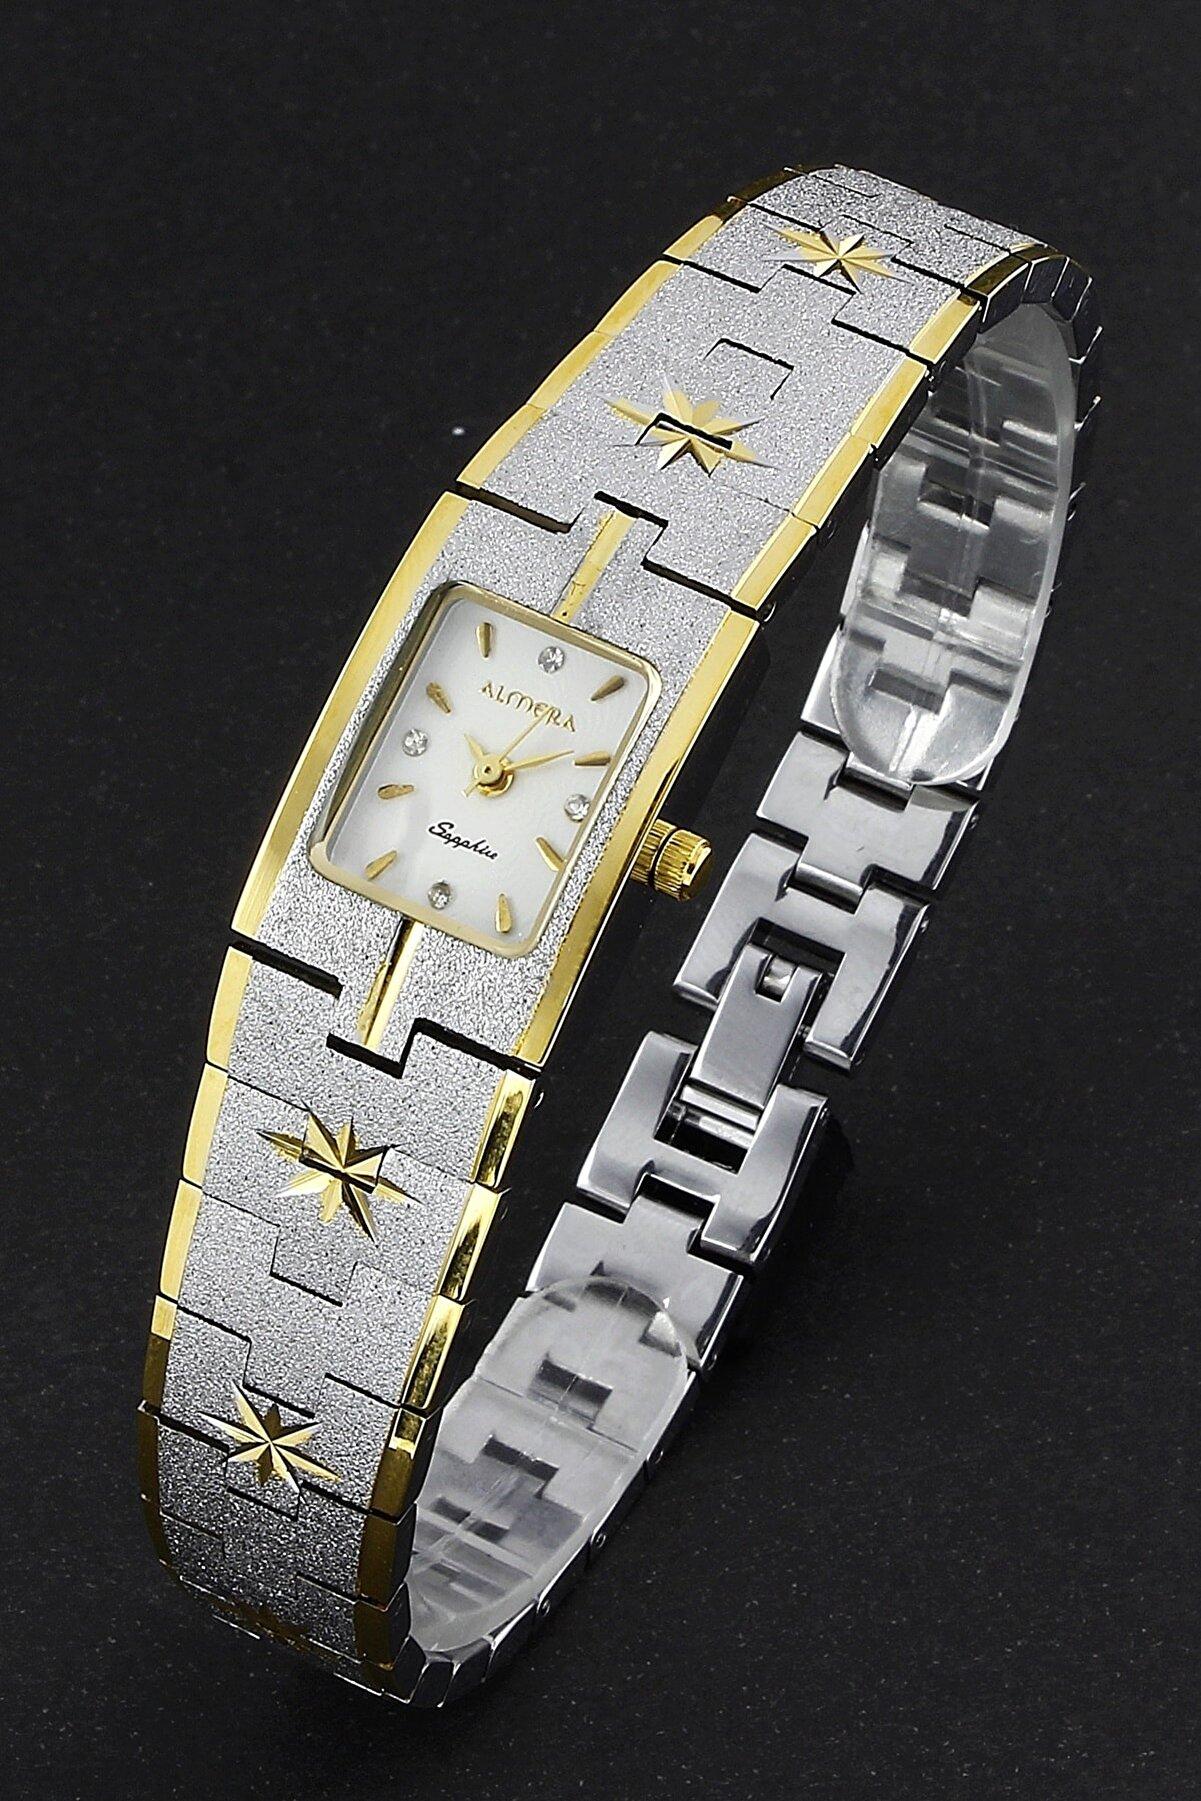 Almera Sapphire Vintage Retro Yıldız Işlemeli Kordon Kadın Kol Saati